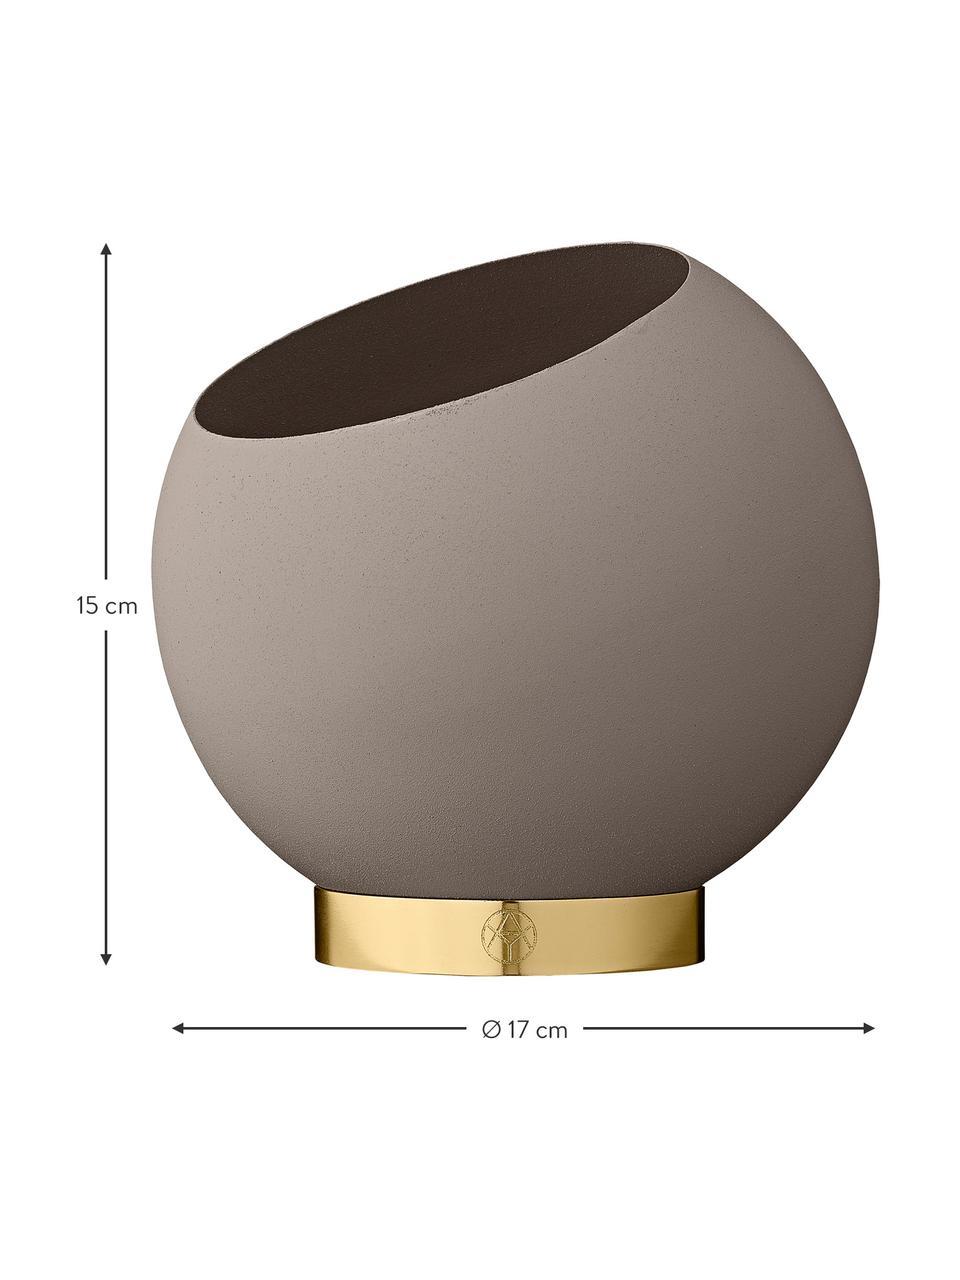 Übertopf Globe aus Metall, Übertopf: Metall, pulverbeschichtet, Fuß: Edelstahl, beschichtet un, Taupe, Ø 17 x H 15 cm